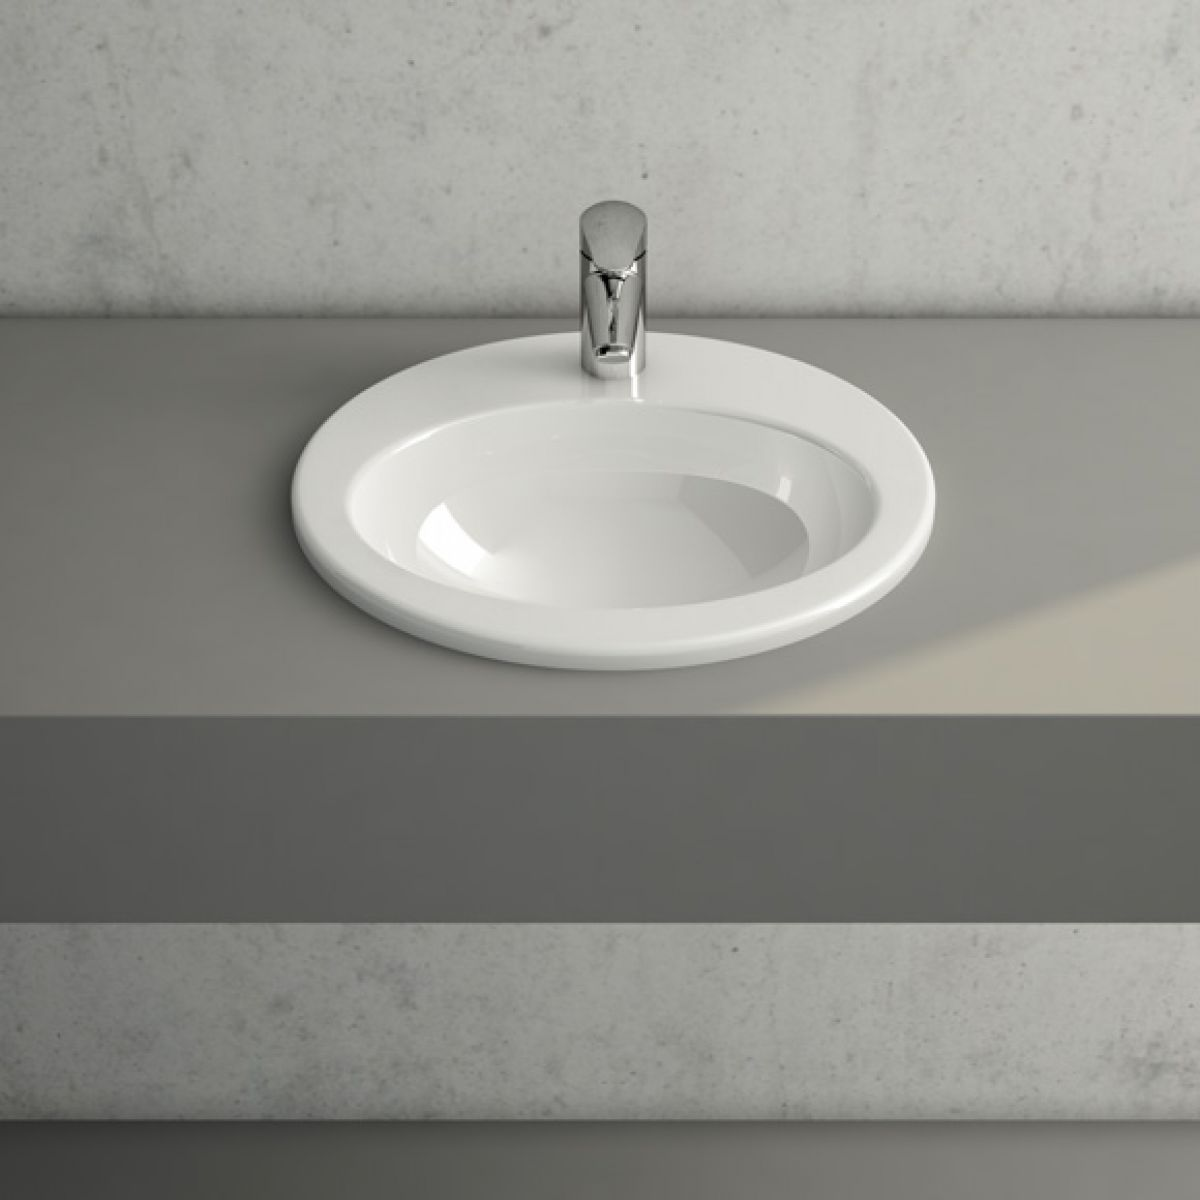 VitrA S10 Round Inset Basin : UK Bathrooms